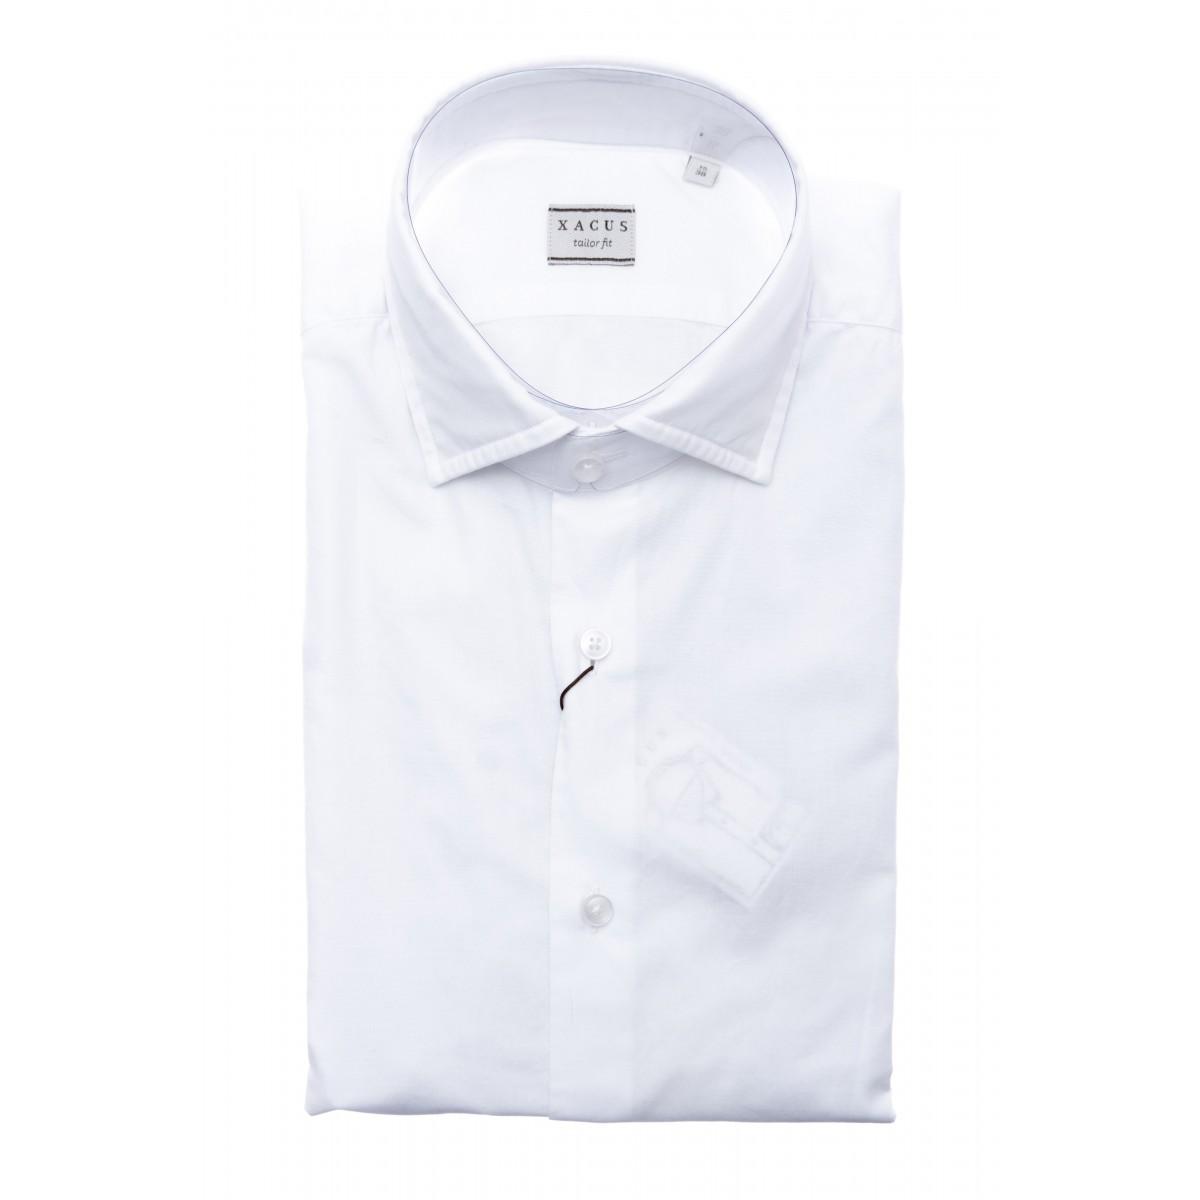 Camicia uomo - 748 61132